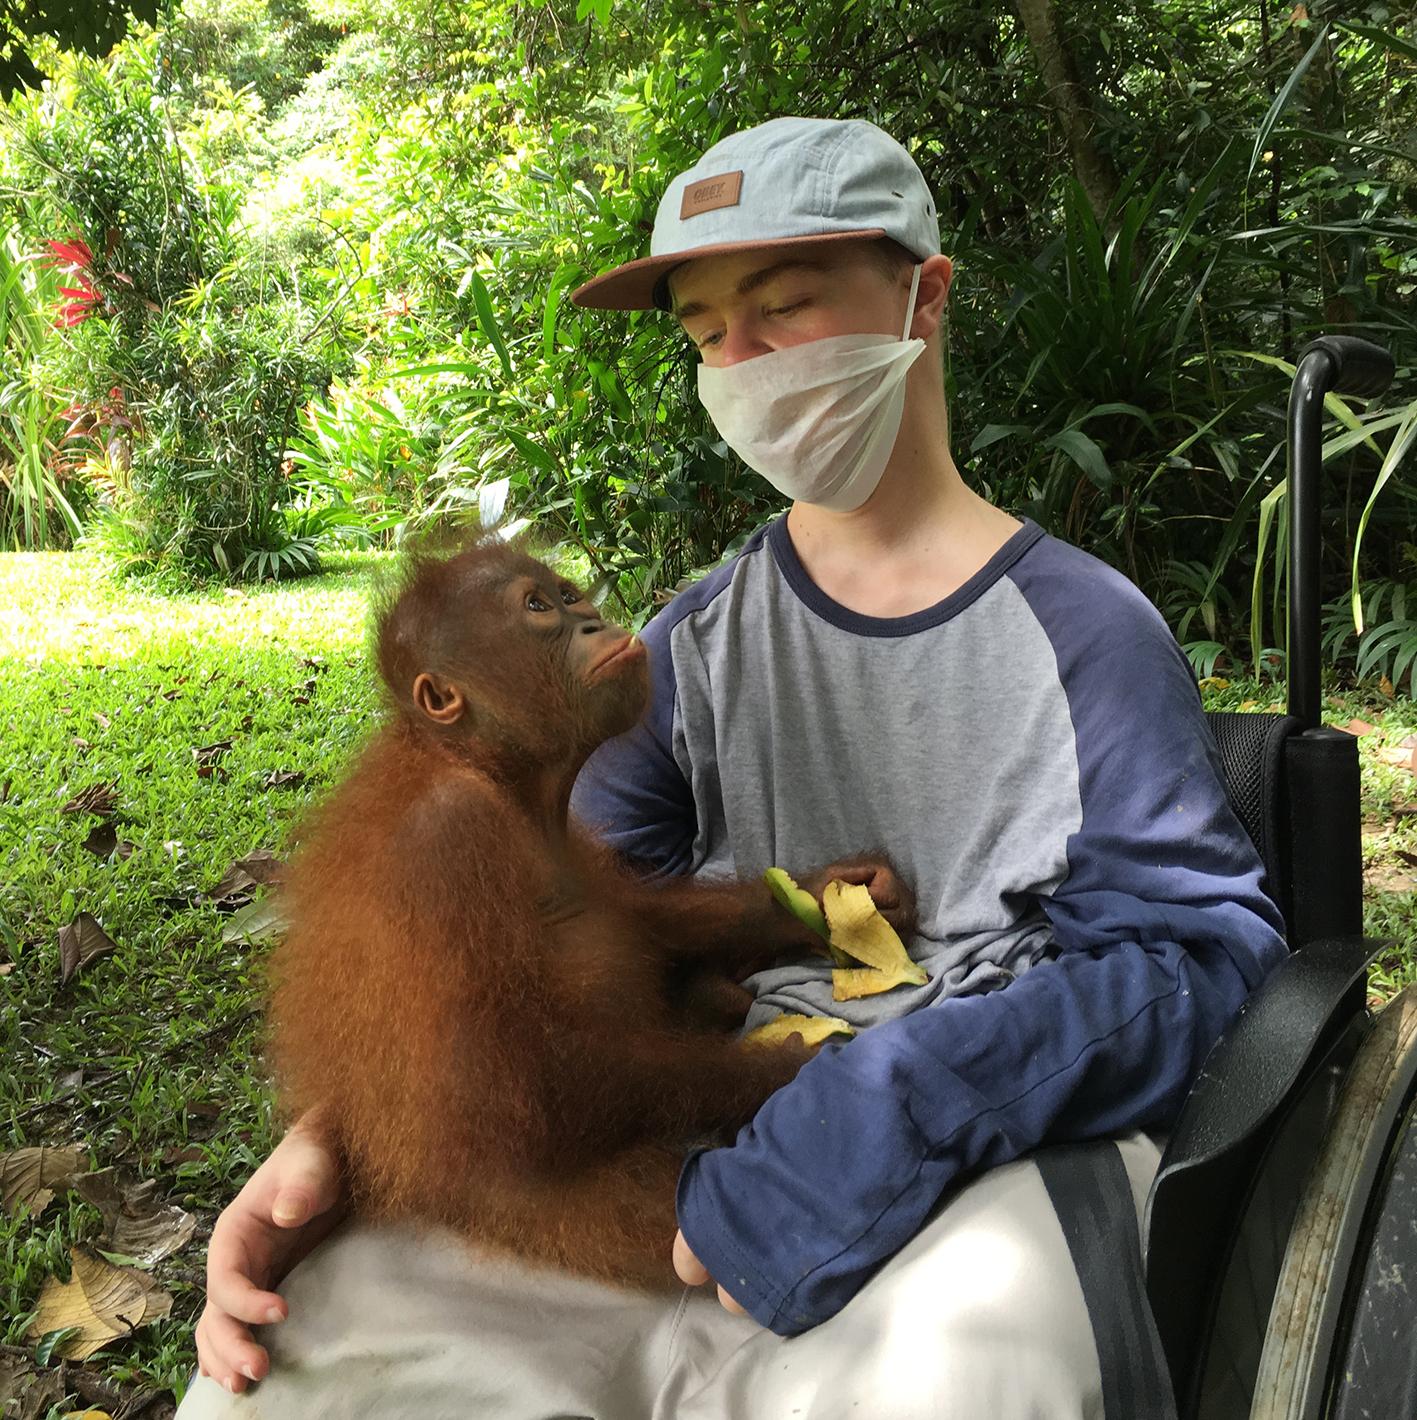 Benni Over mit Orang-Utan-Dame auf dem Schoß